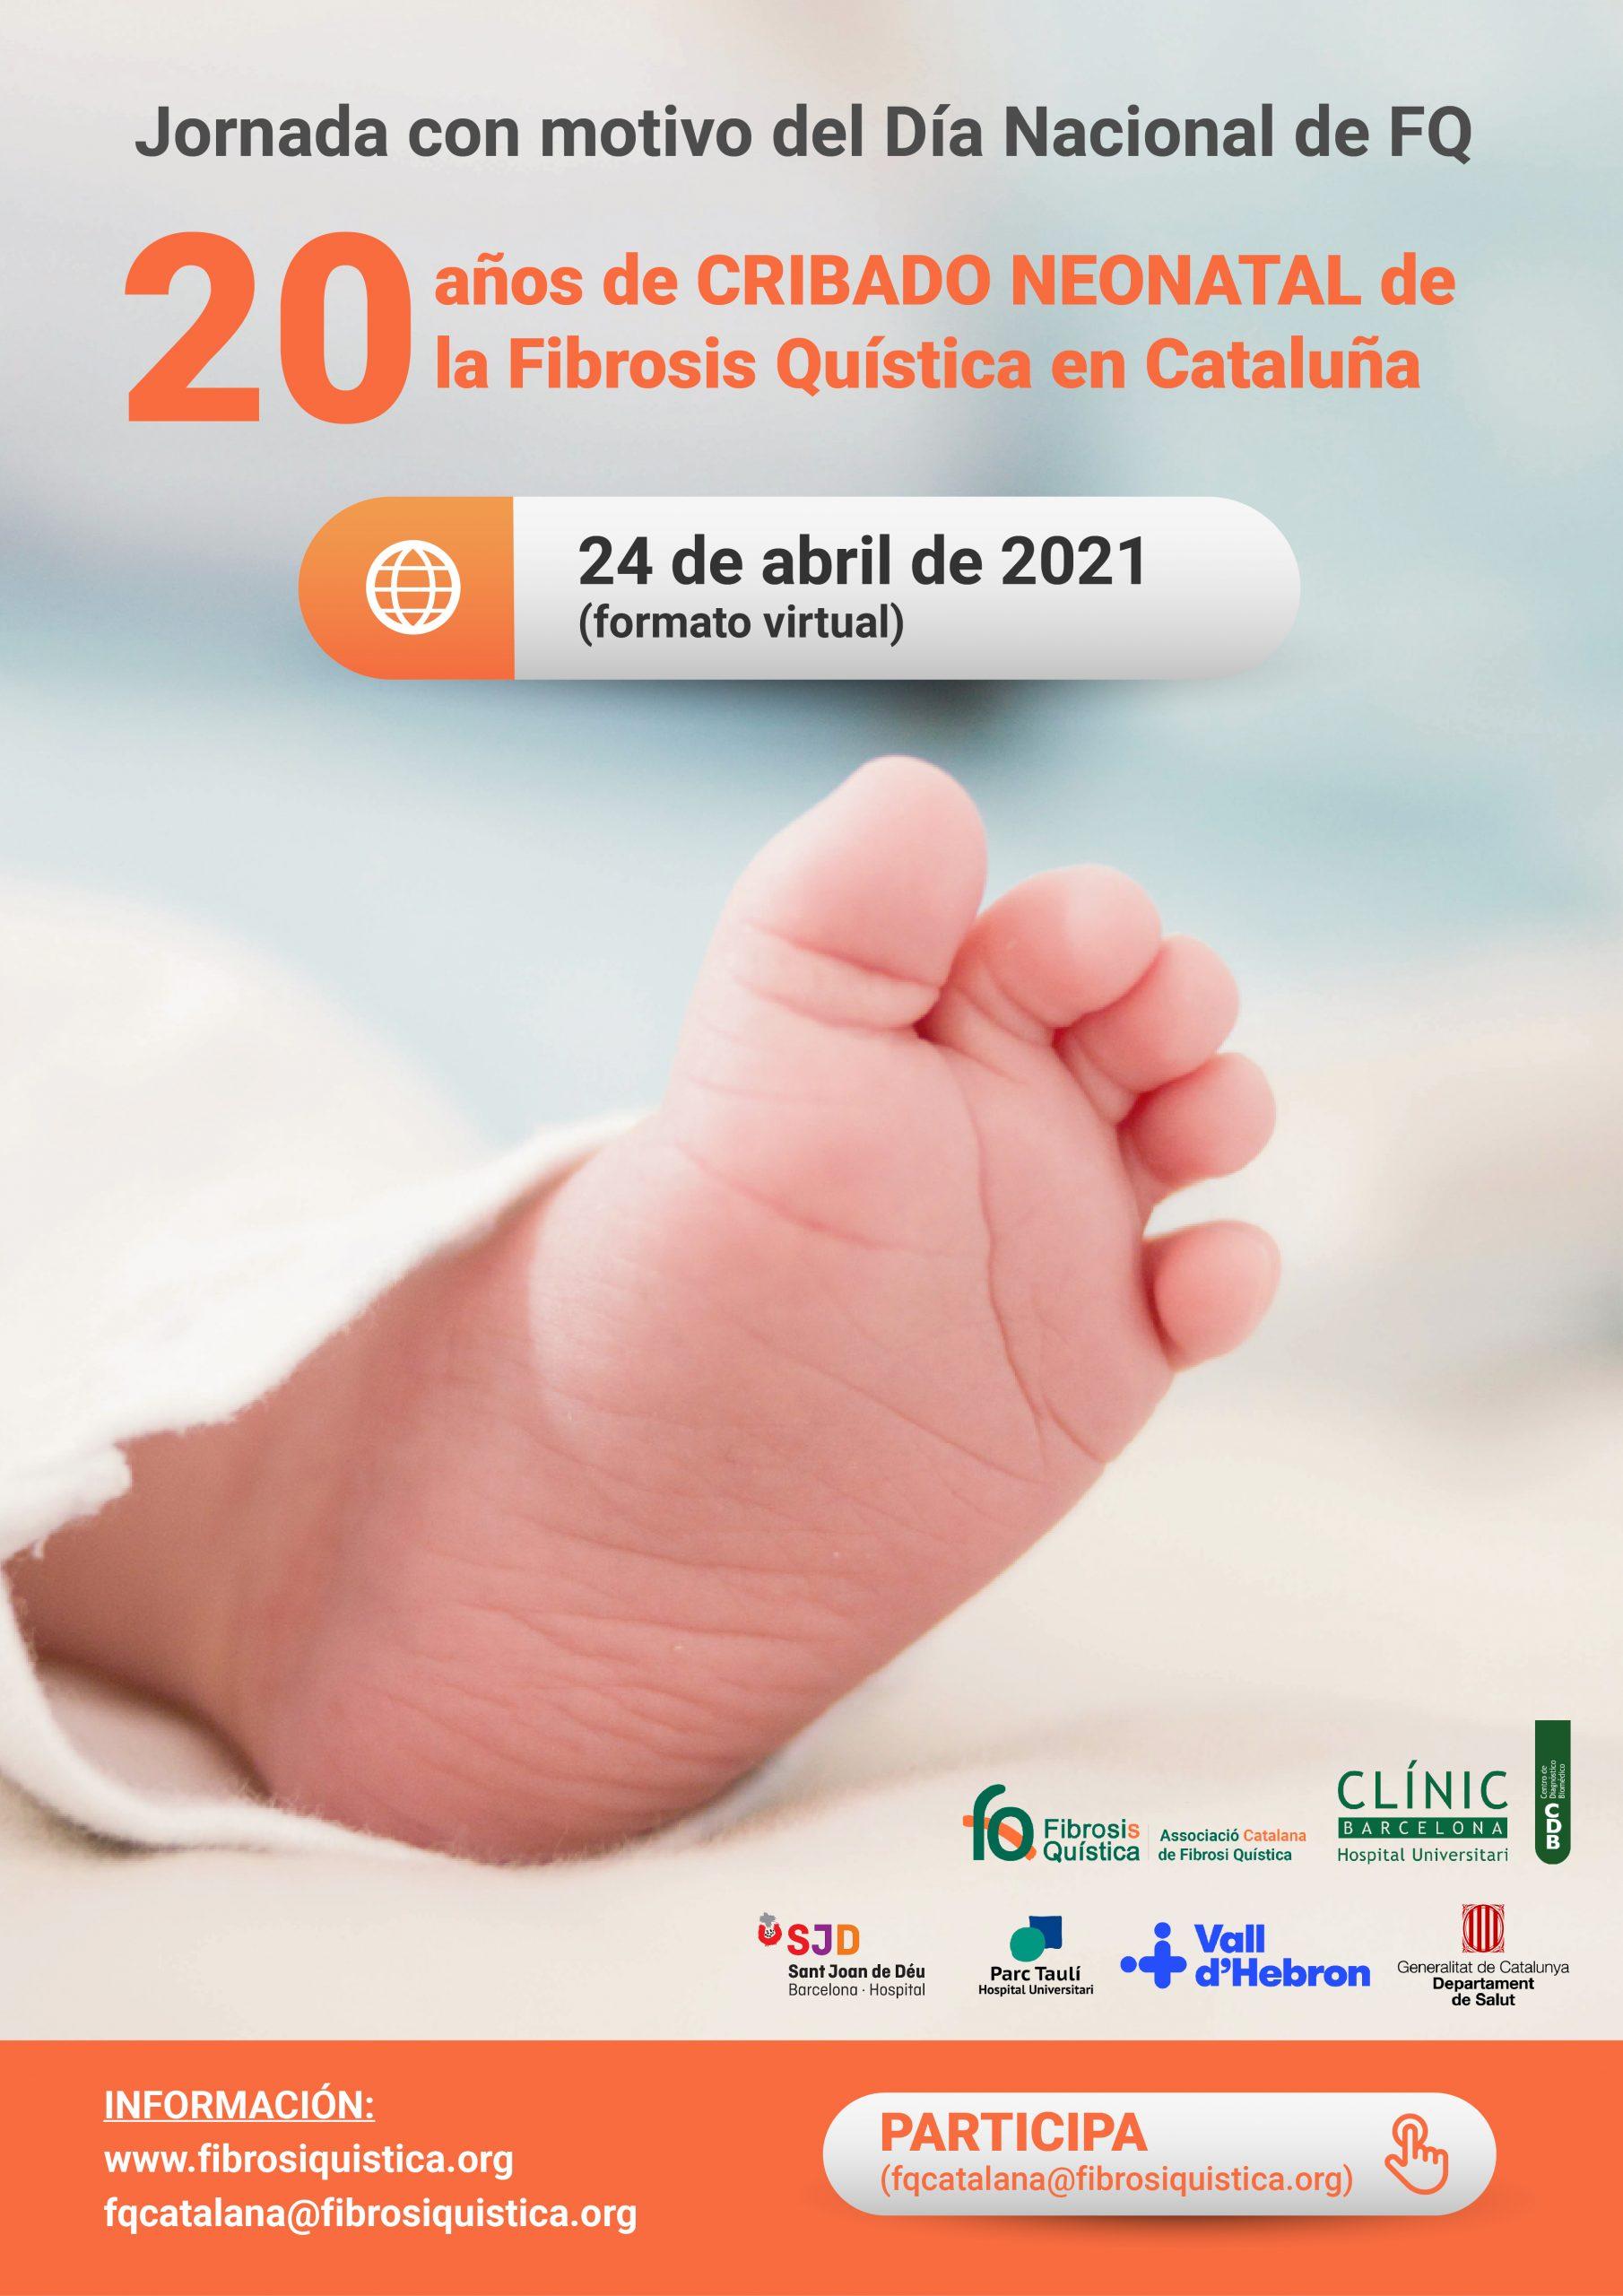 Jornada 20 Años De Cribado Neonatal De La Fibrosis Quística En Cataluña